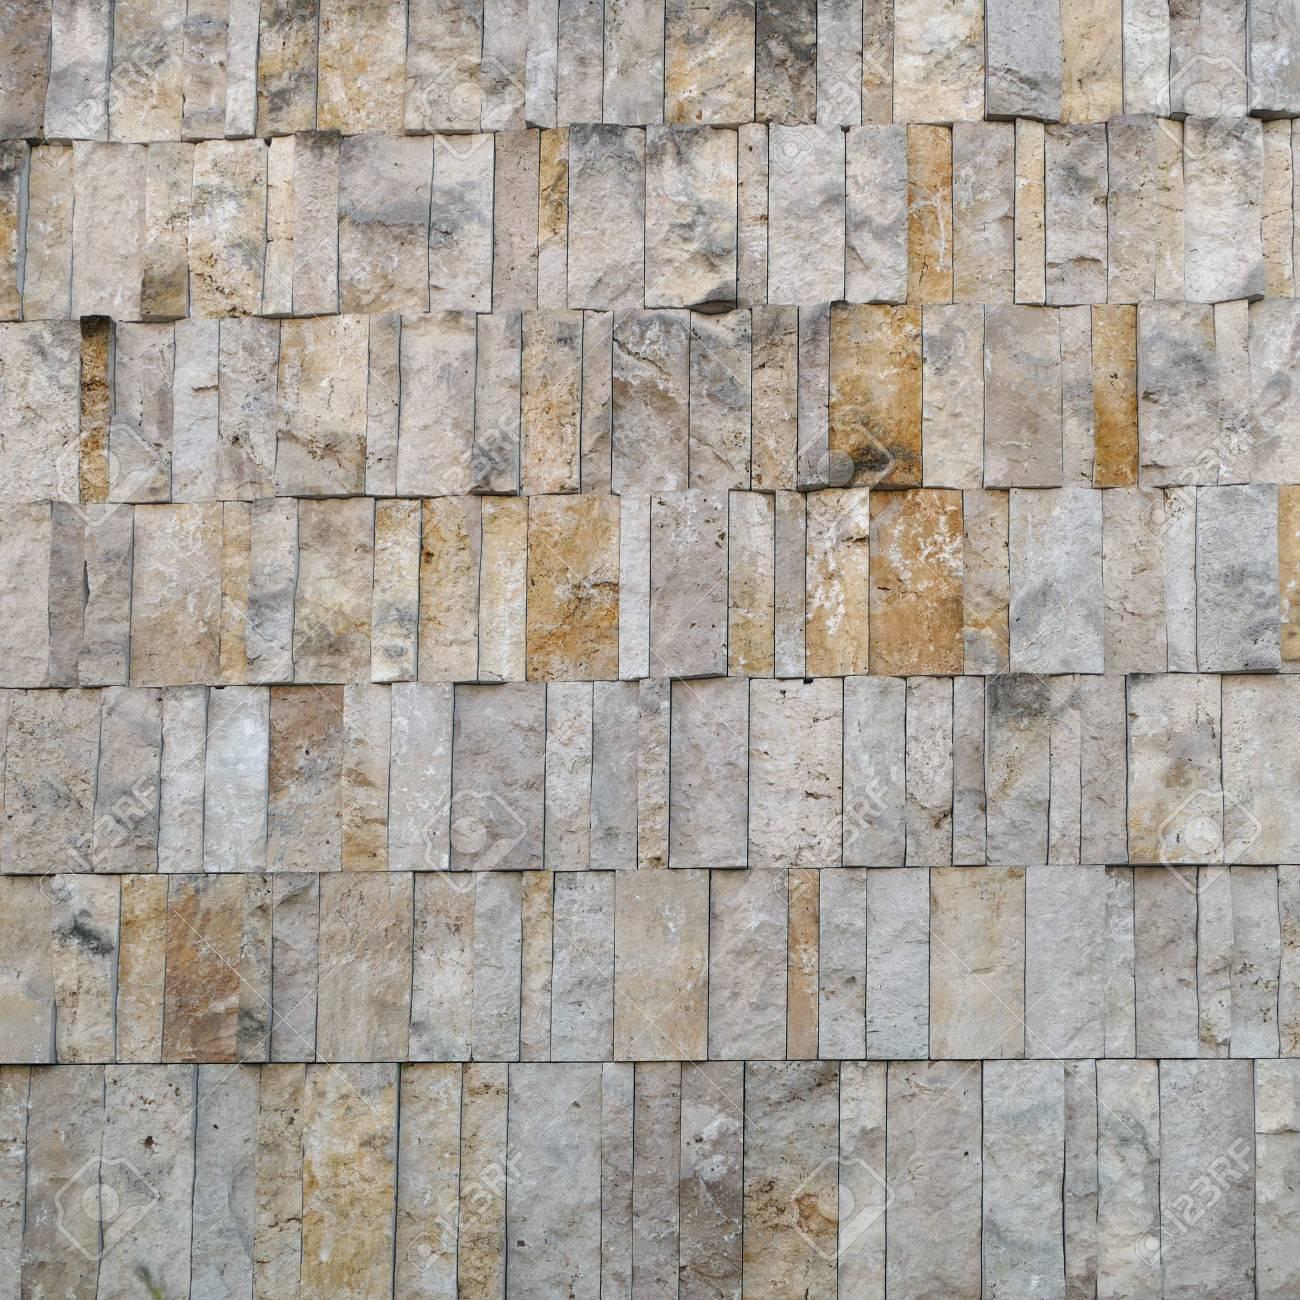 Pierre Naturelle Pour Facade texture de fond de pierre brute naturelle à l'ocre pâle, matériaux de  construction pour la finition du mur, revêtement de façade bardage de  façade de